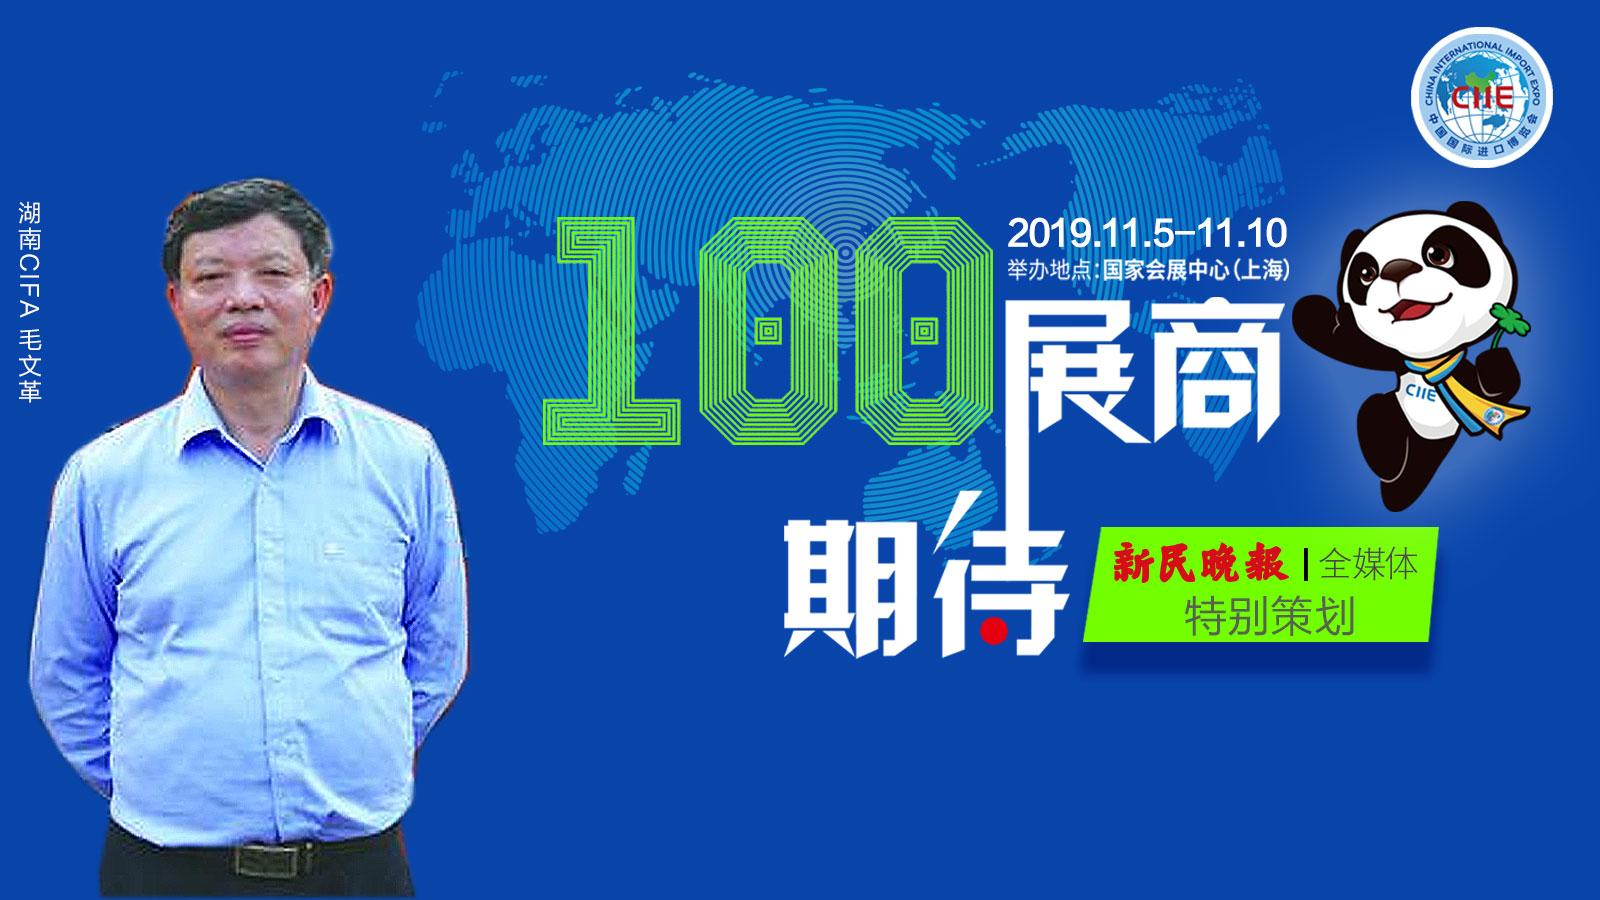 100展商100期待|CIFA:看好中国市场巨大潜力 携多款拳头产品参展